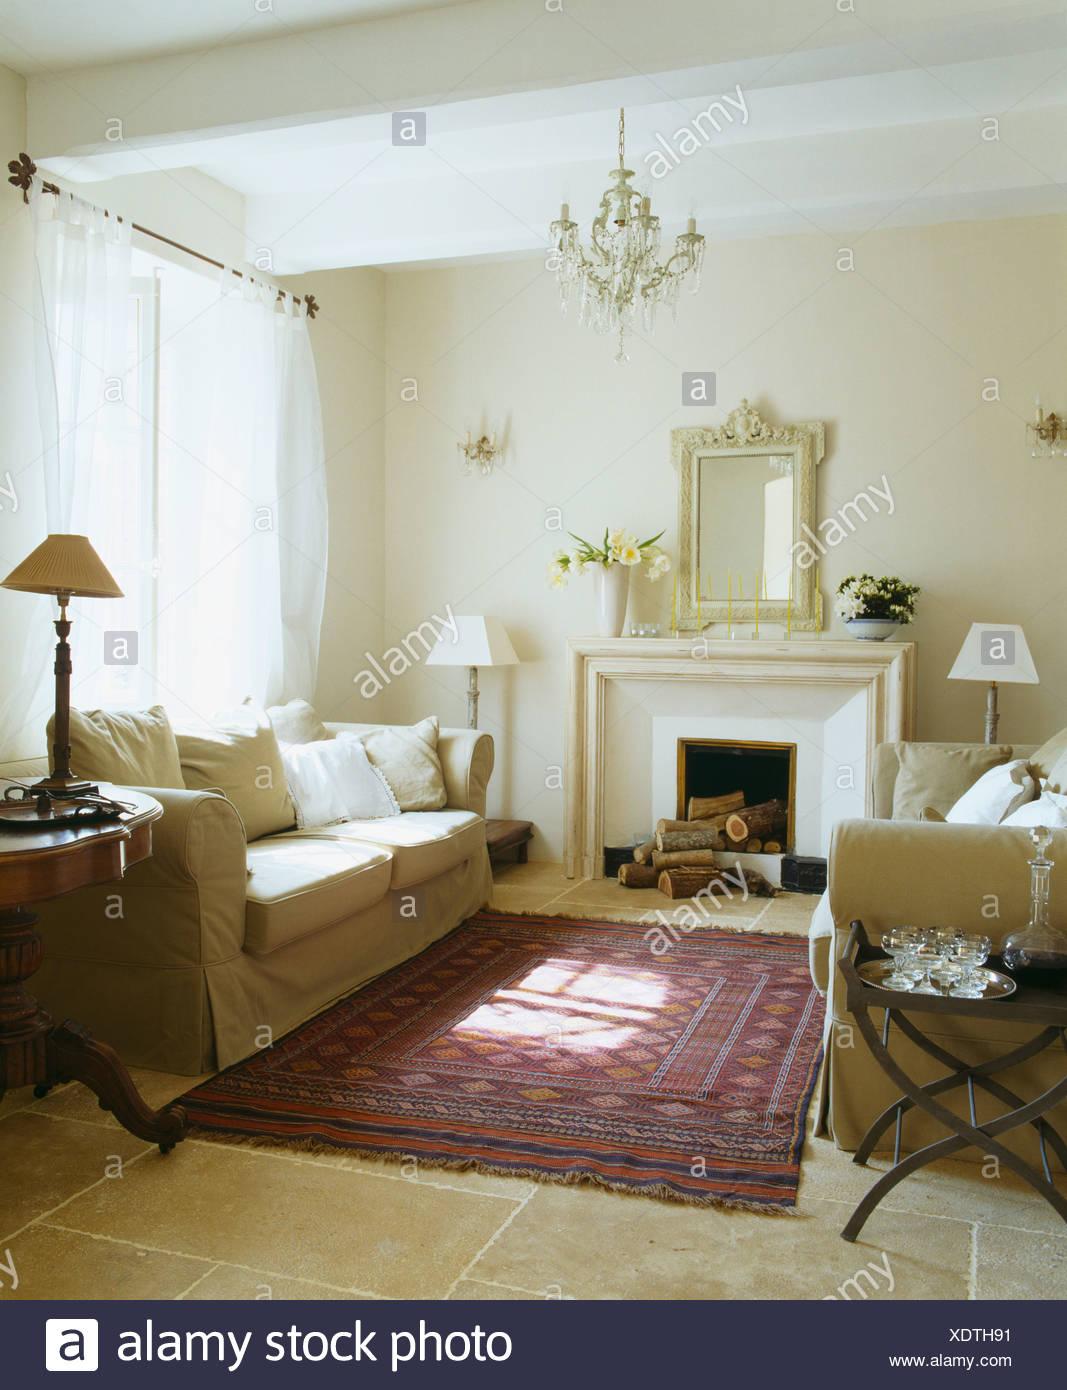 Cremefarbene Sofas und Voile Vorhänge in weißen französischen